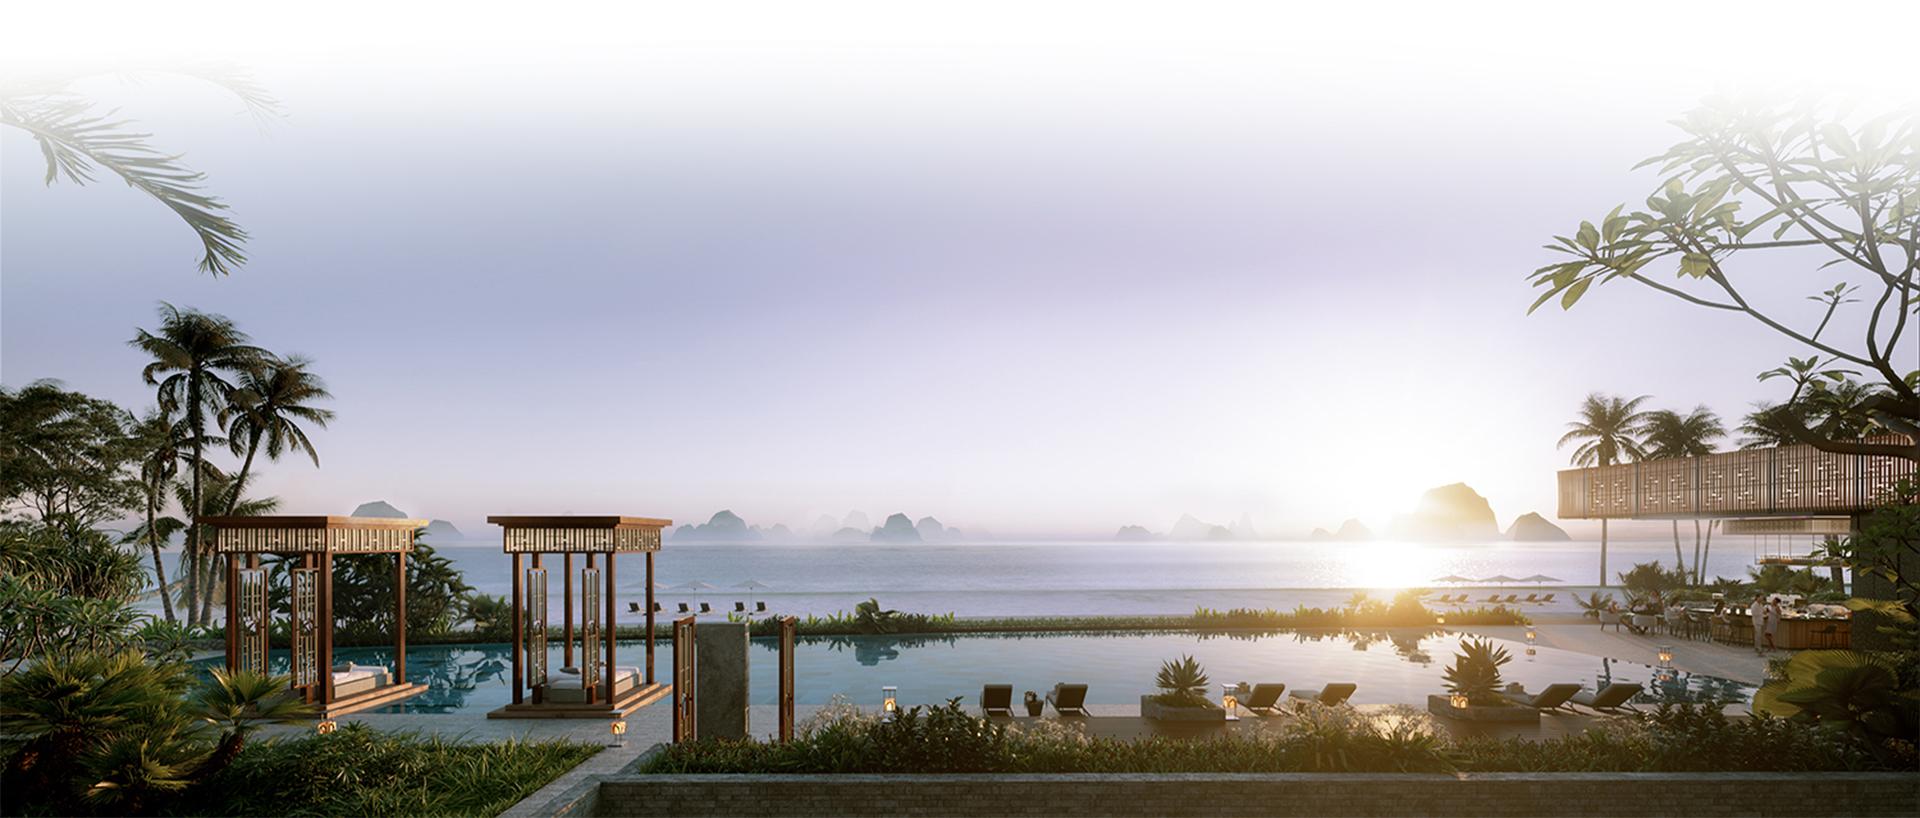 Trải nghiệm nghỉ dưỡng sang trọng tại InterContinental Halong Bay 2020 28